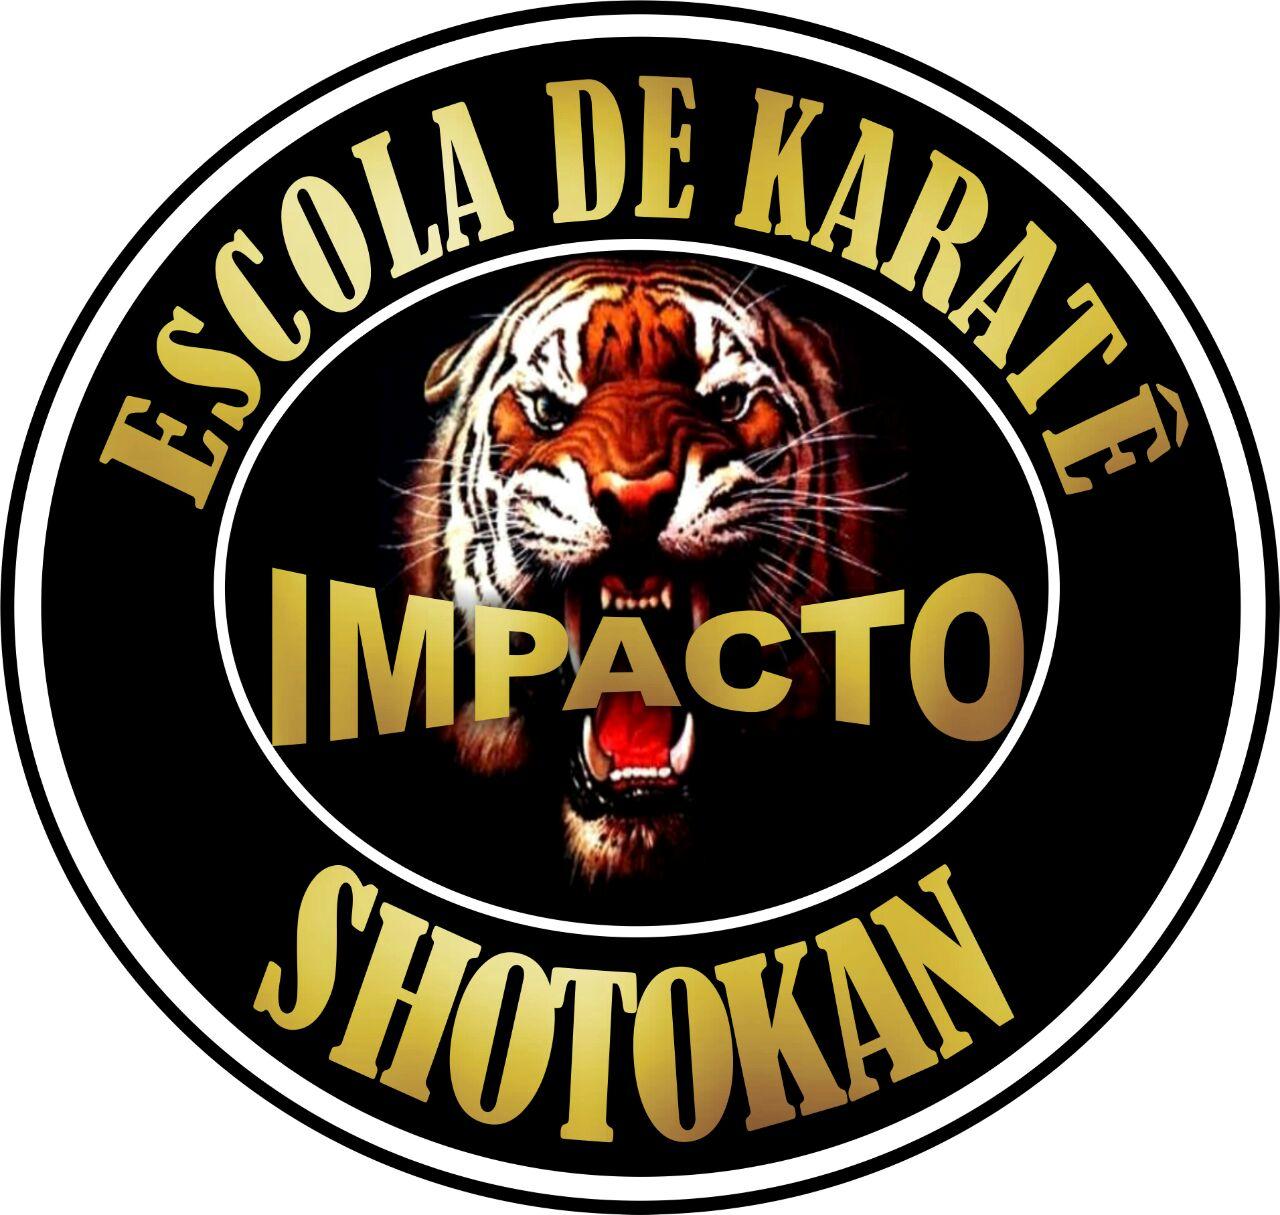 ESCOLA DE KARATÊ SHOTOKAN IMPACTO